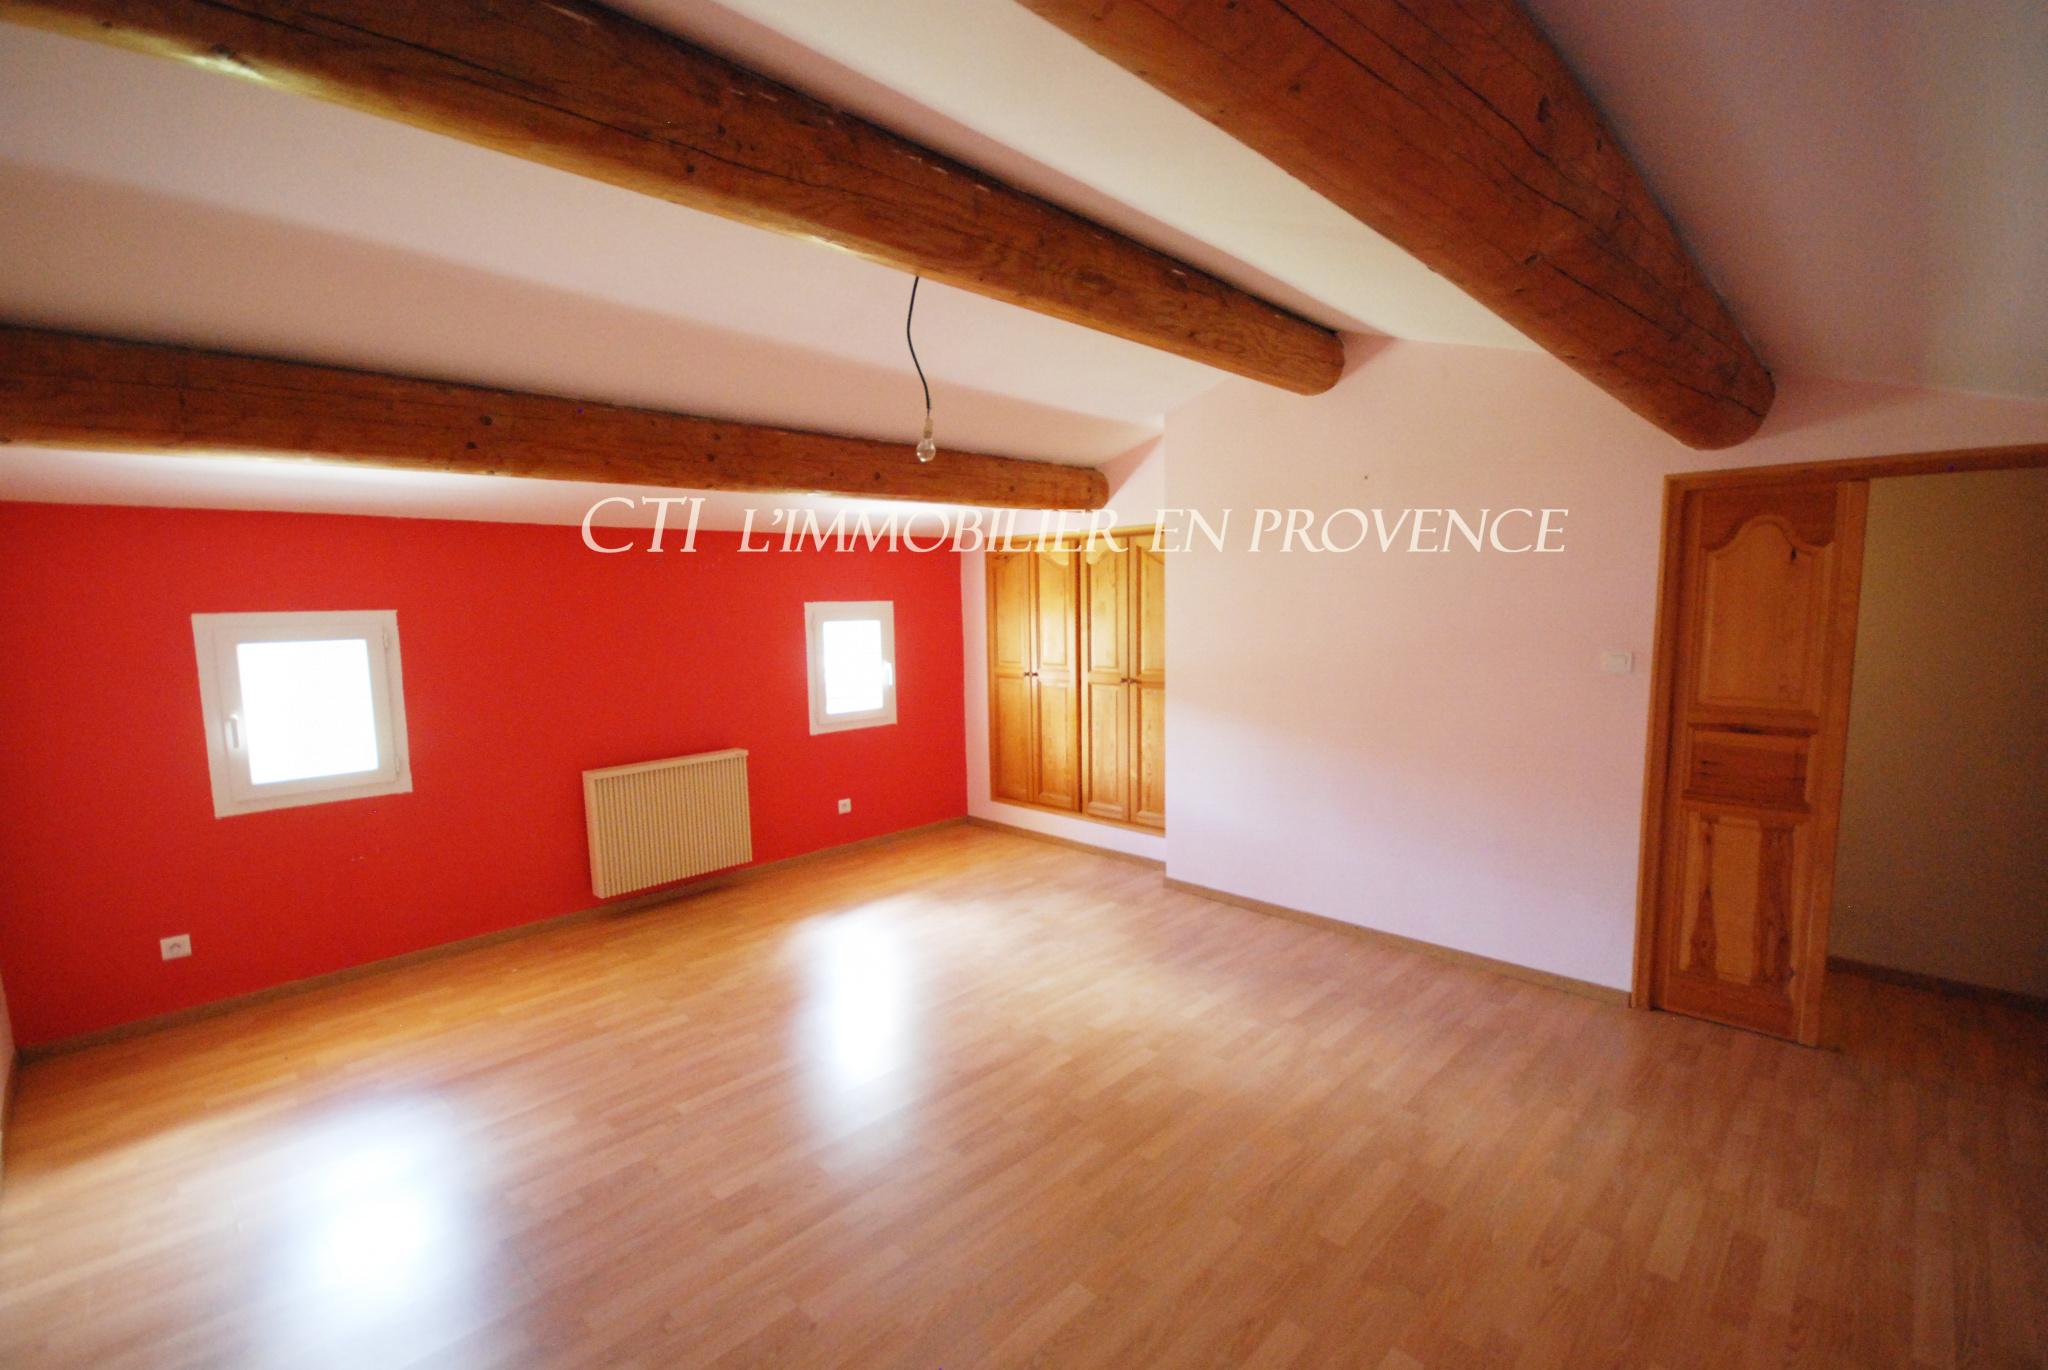 0 A VENDRE www.cti-provence.net VILLA PROVENÇALE AU CALME 3 CHAMBRES JARDIN TERRASSE GARAGE SECTEUR